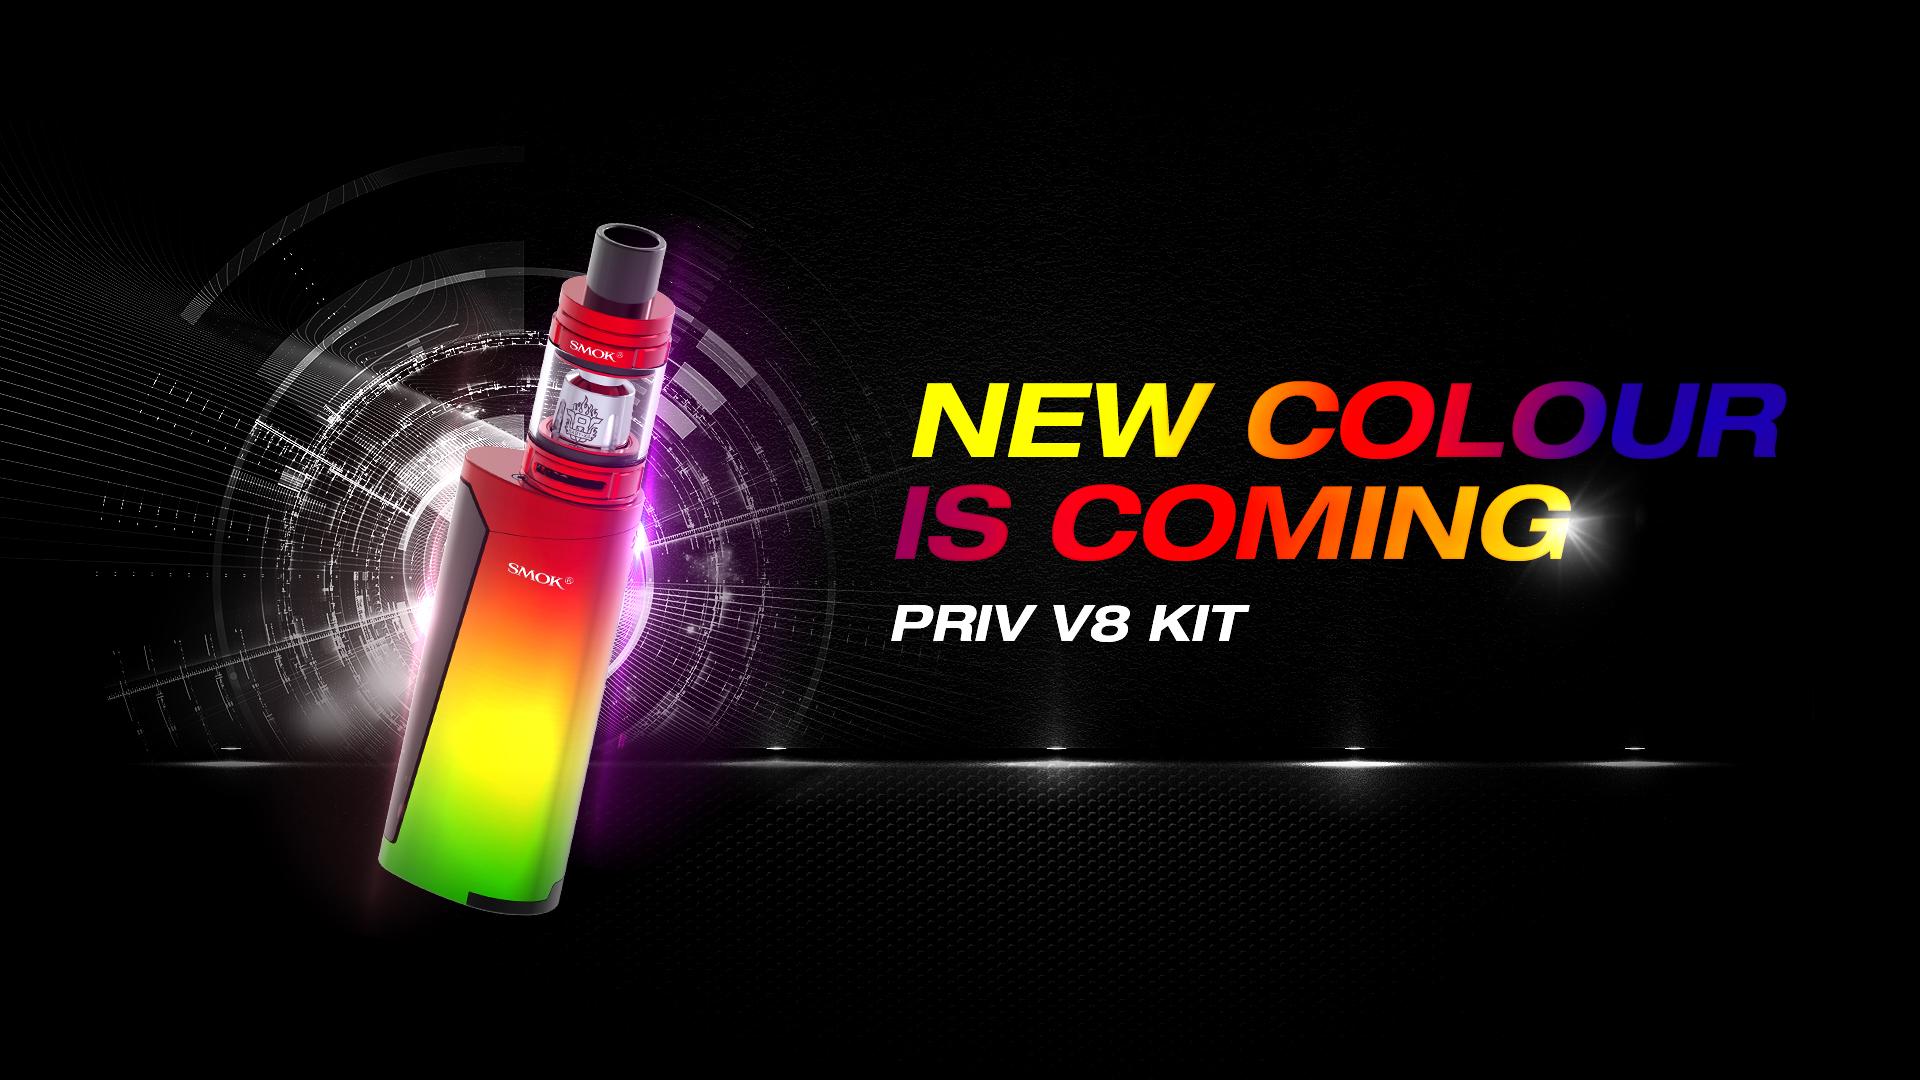 Priv V8 Kit